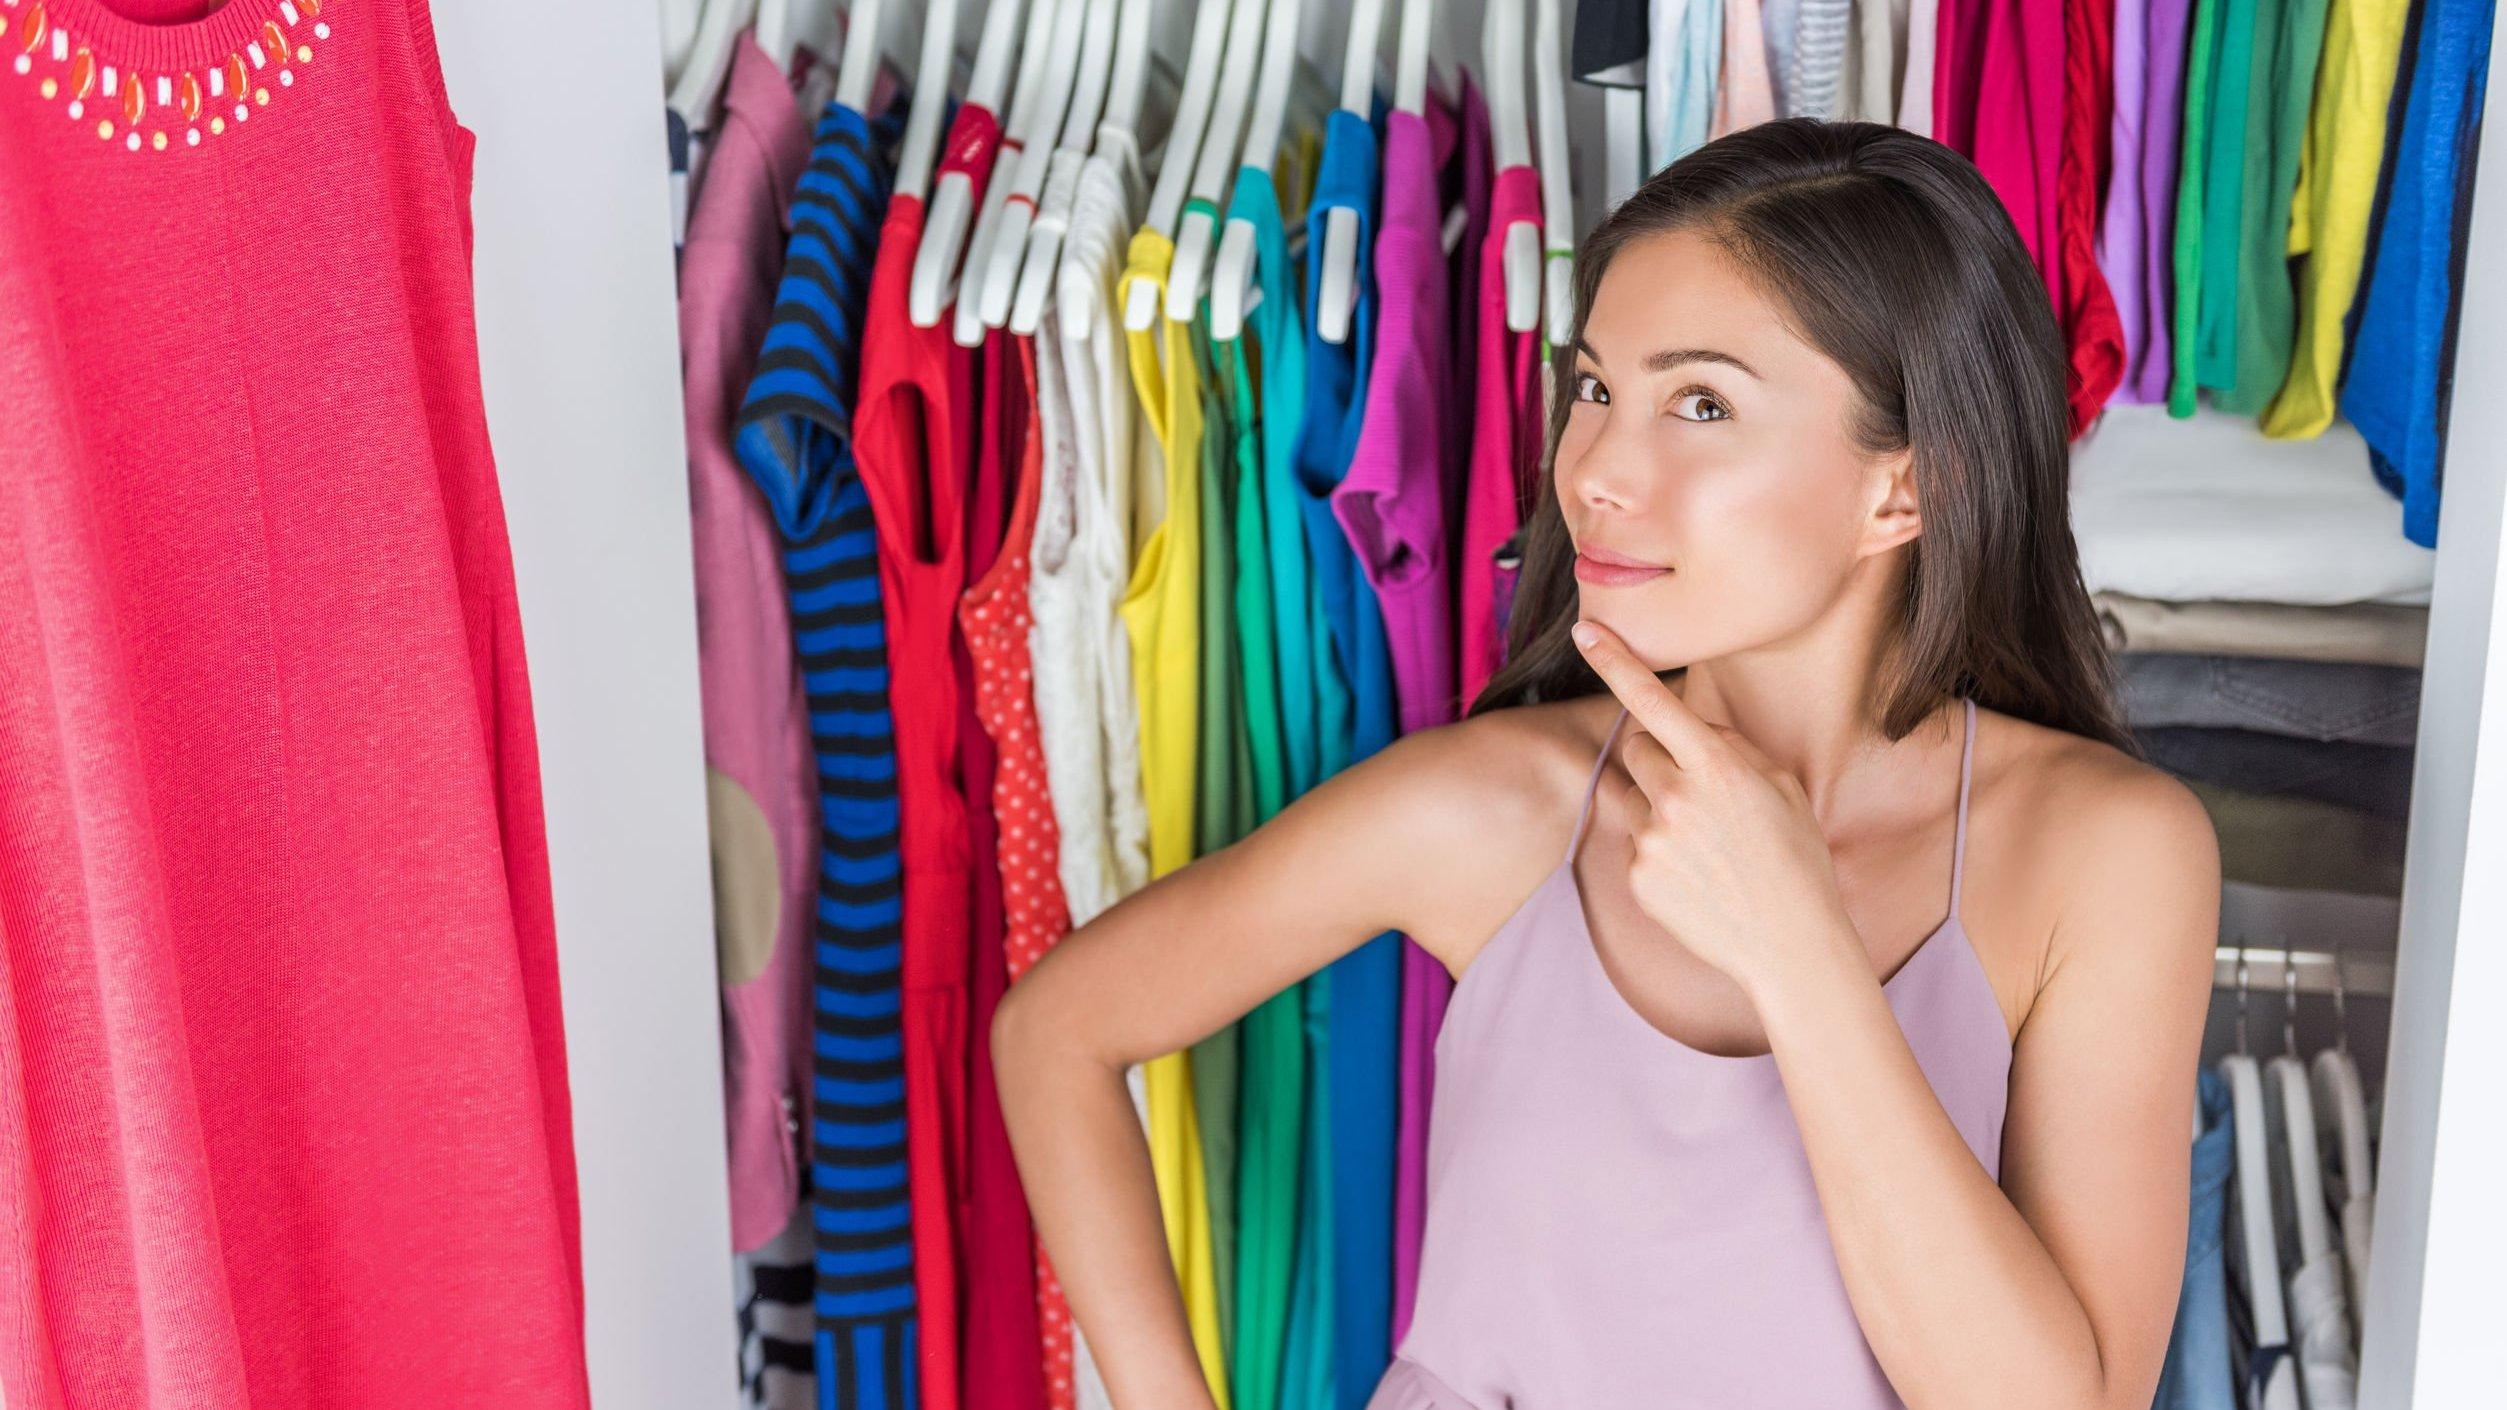 Mulher com a mão sobre o queixo, olhando para guarda roupas organizado.